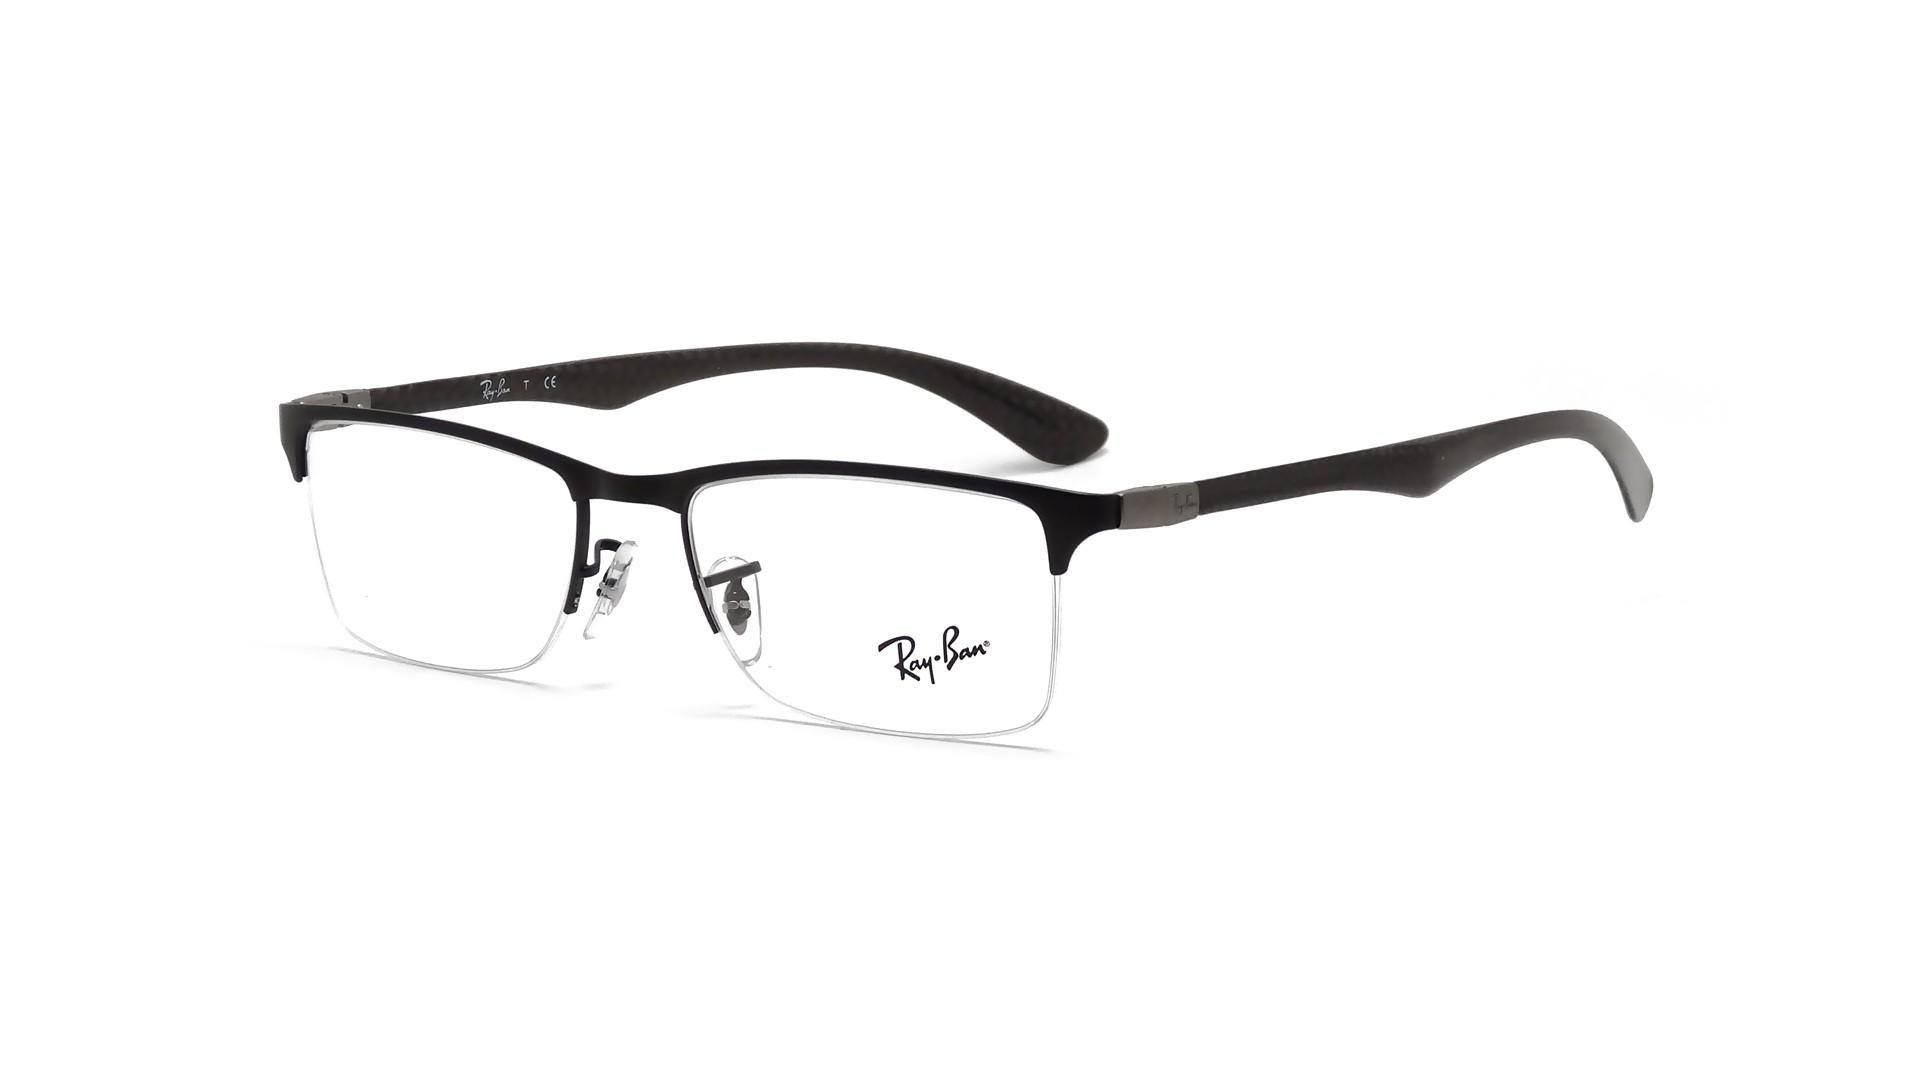 bf1360566bc7 Eyeglasses Ray-Ban Tech Liteforce Black RX8413 RB8413 2503 52-18 Medium